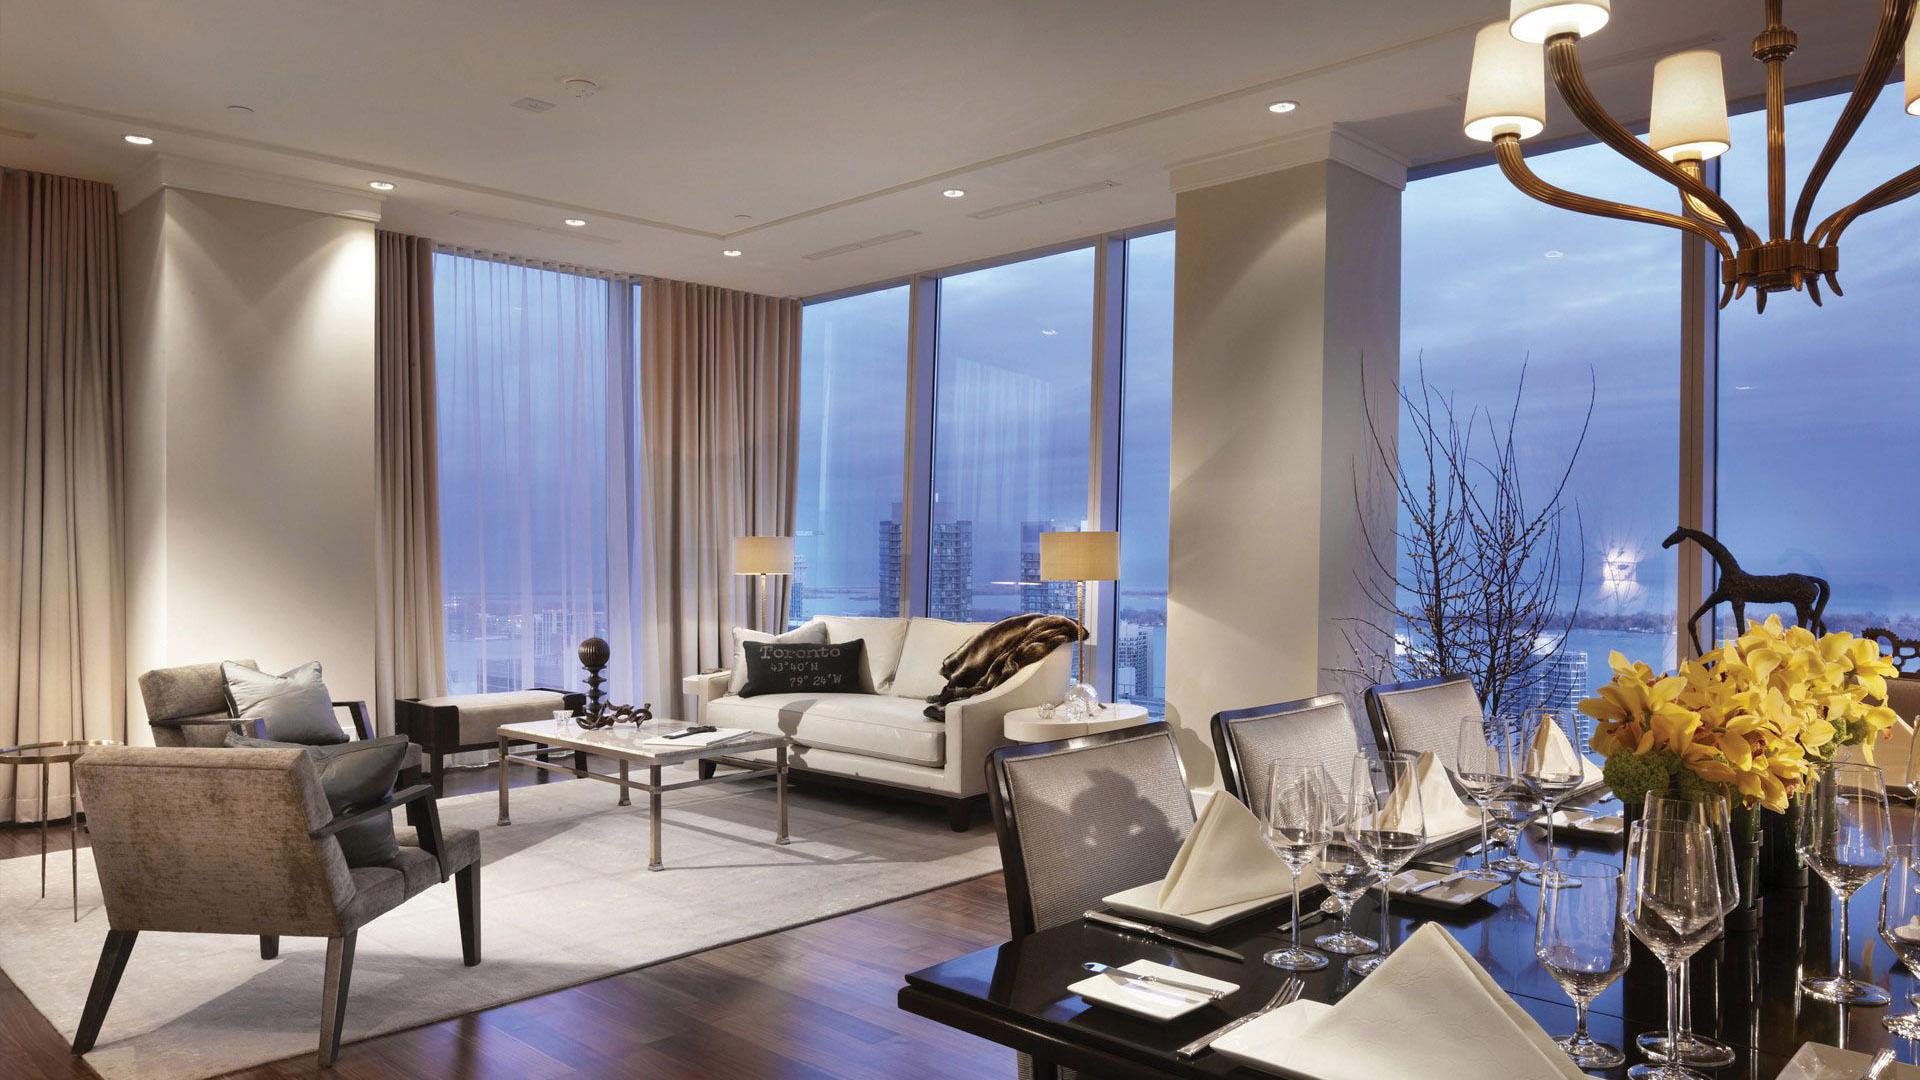 Apartamento en venta en Dubai, EAU, 3 dormitorios, 149 m2, № 23900 – foto 1